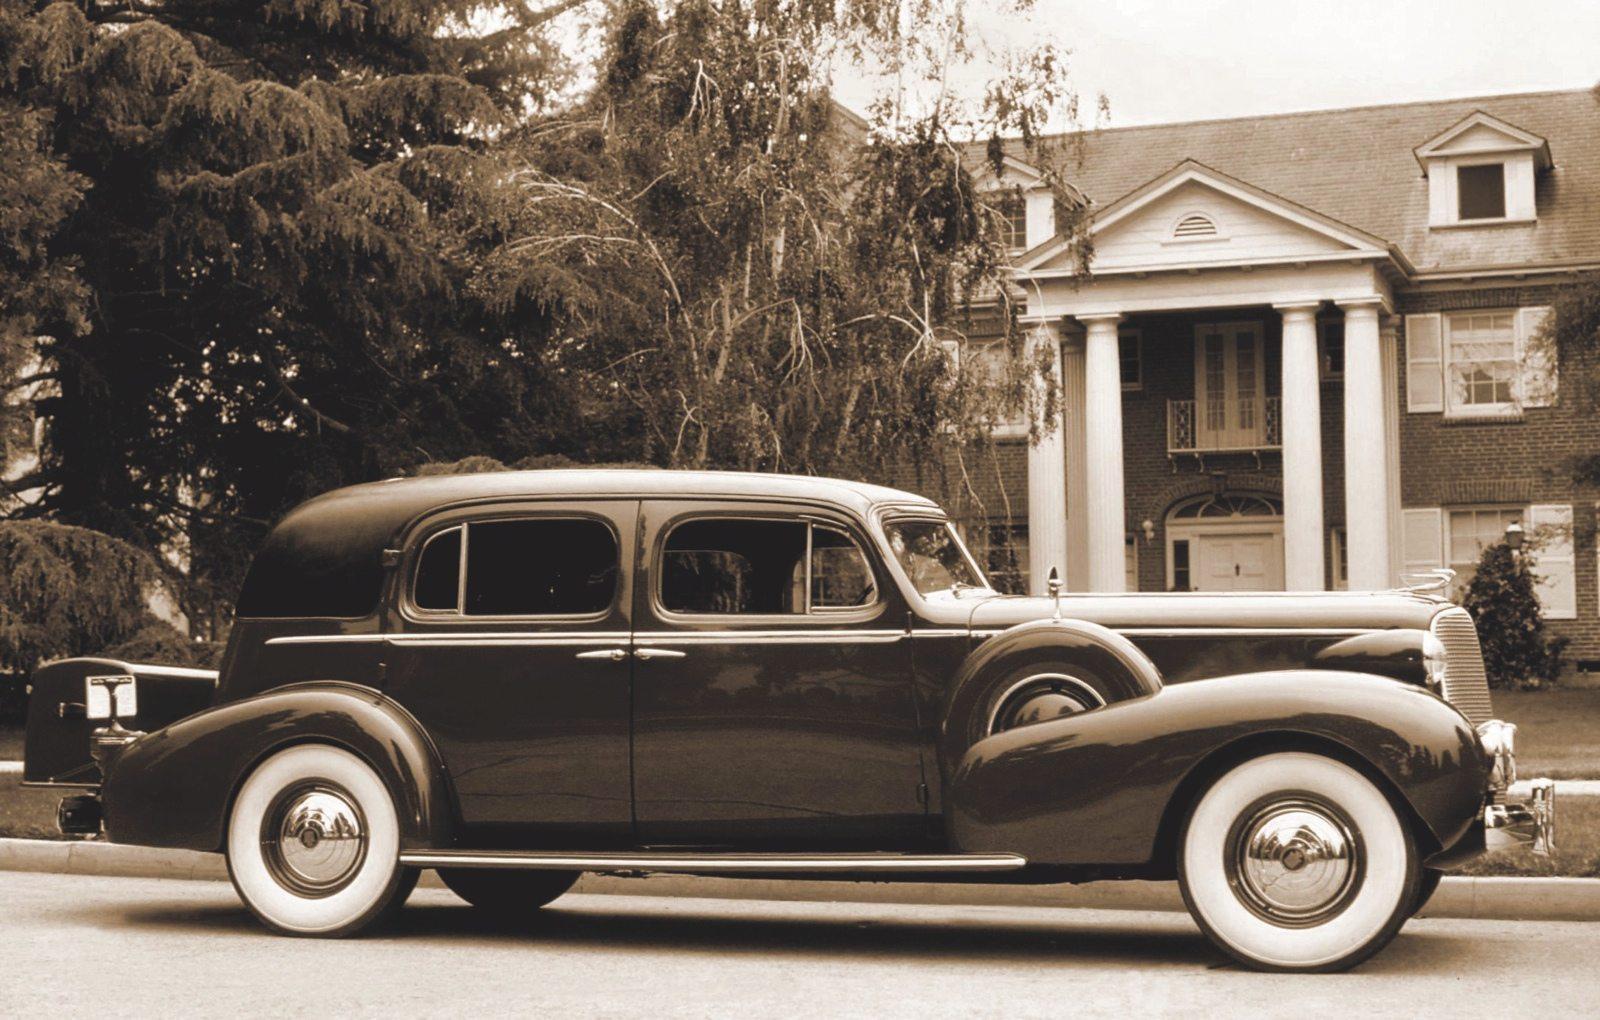 hight resolution of 1937 cadillac v12 fleetwood formal sedan